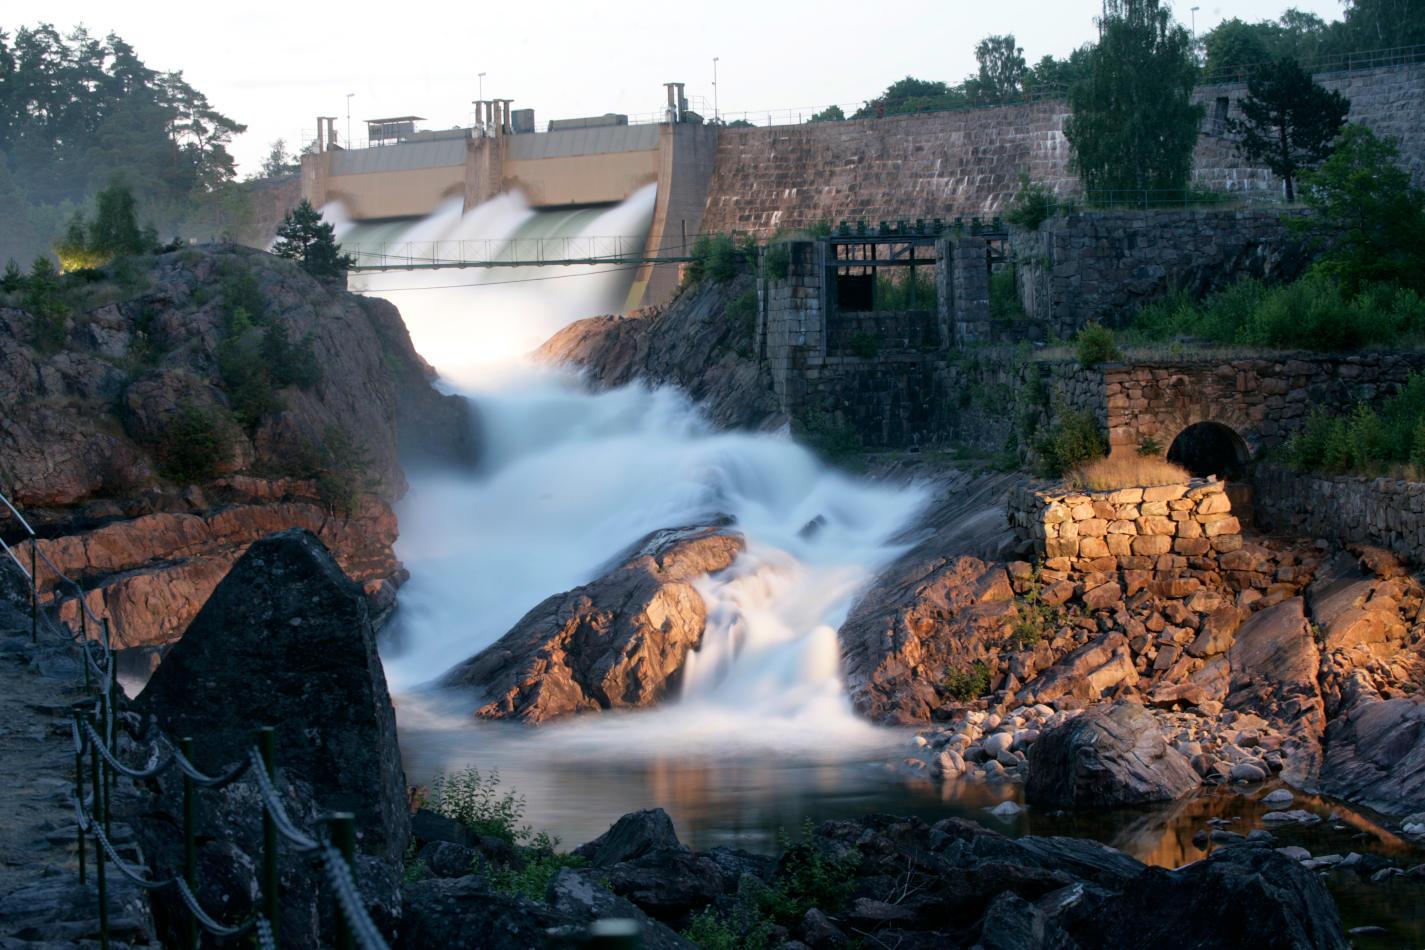 Visit Trollhättan Vänersborg: Wild waterways and peaceful lake lands - Scan Magazine